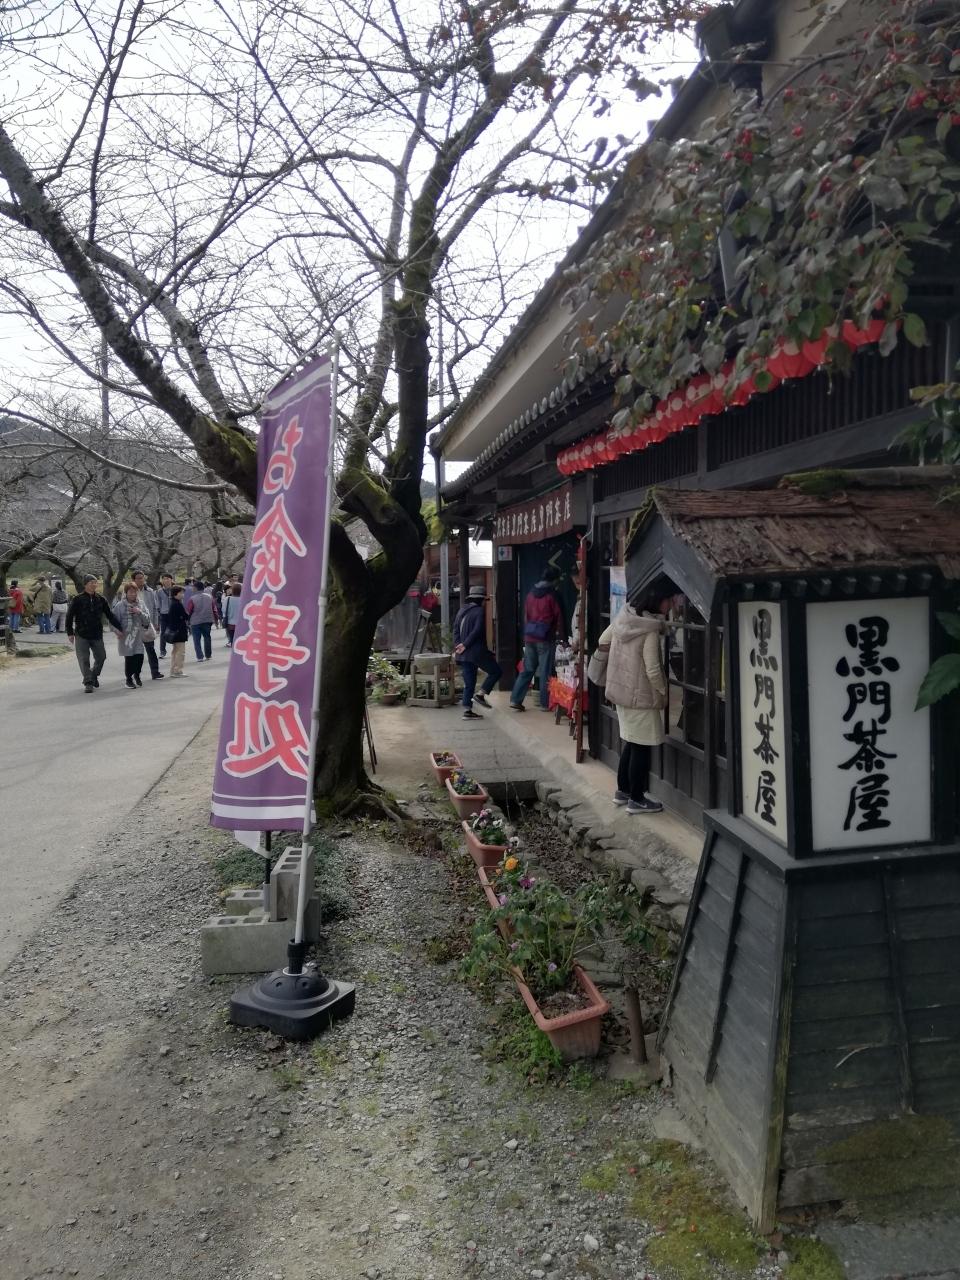 福岡県朝倉市に来た。  大きな公営Pに車を停め、杉の馬場を歩く。  黒門茶屋の前。